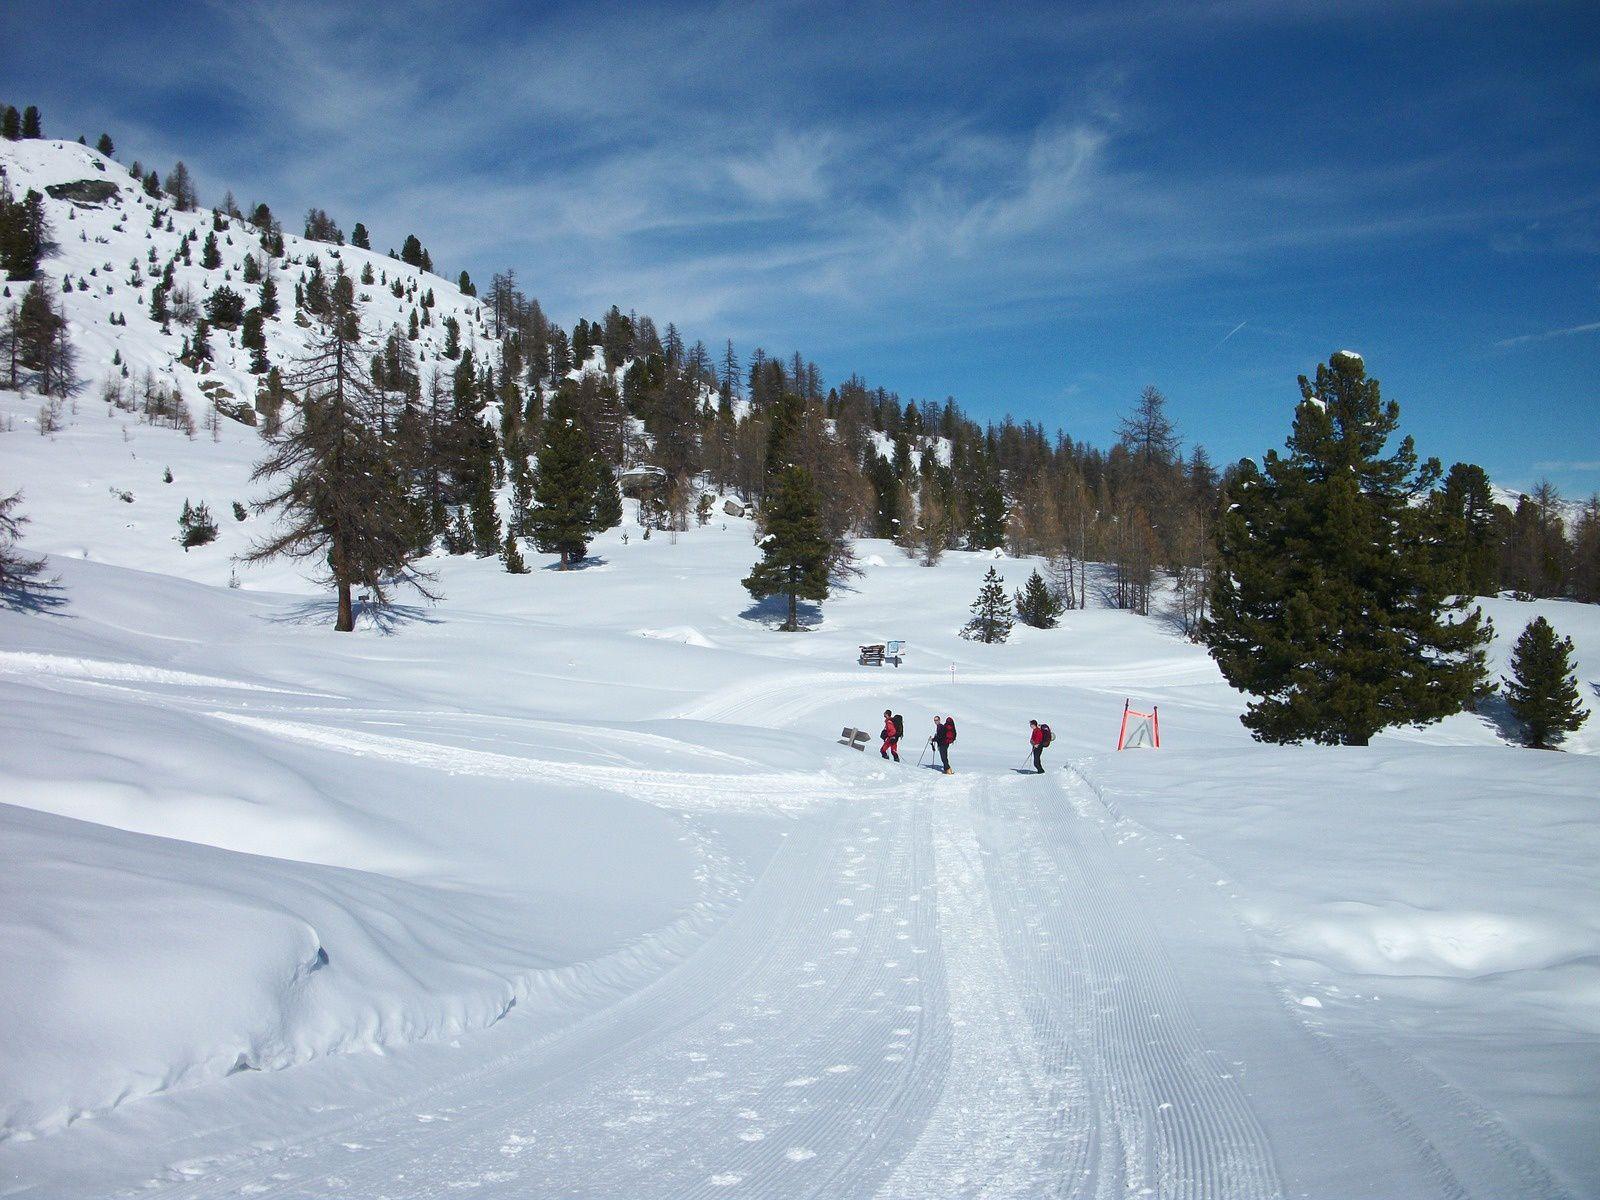 montée vers les crètes, passage au col Bousson (2154m) avec vue sur le Pic de Rochebrune (3320m) et redescente vers le refuge Mautino